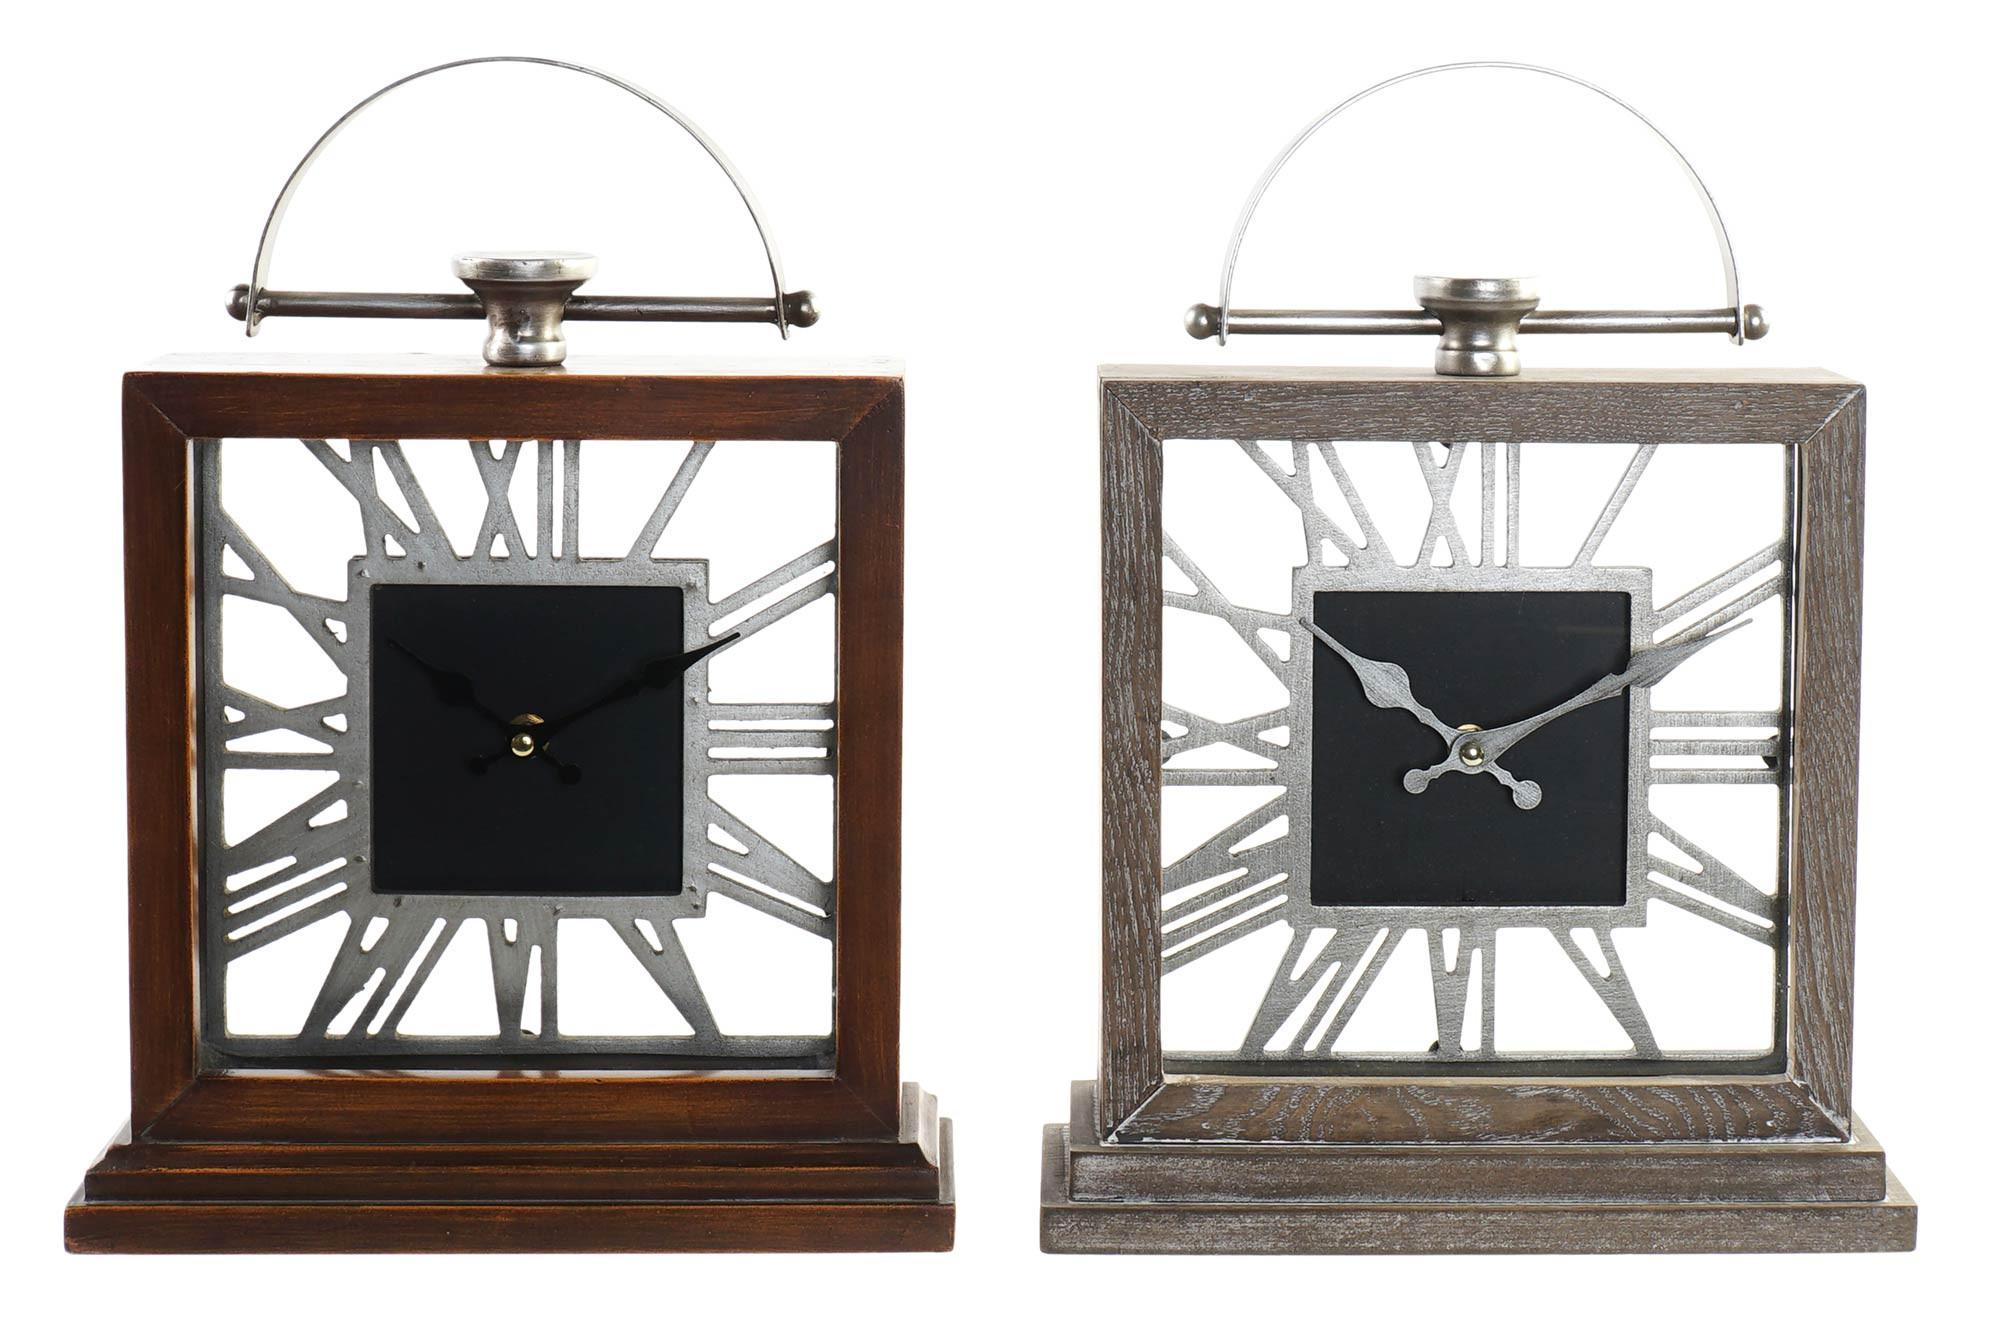 Reloj Sobremesa Vintage de Madera y Metal, Relojes Analógicos para Mesa. Decoración Hogar Original 26,5x9x36 cm